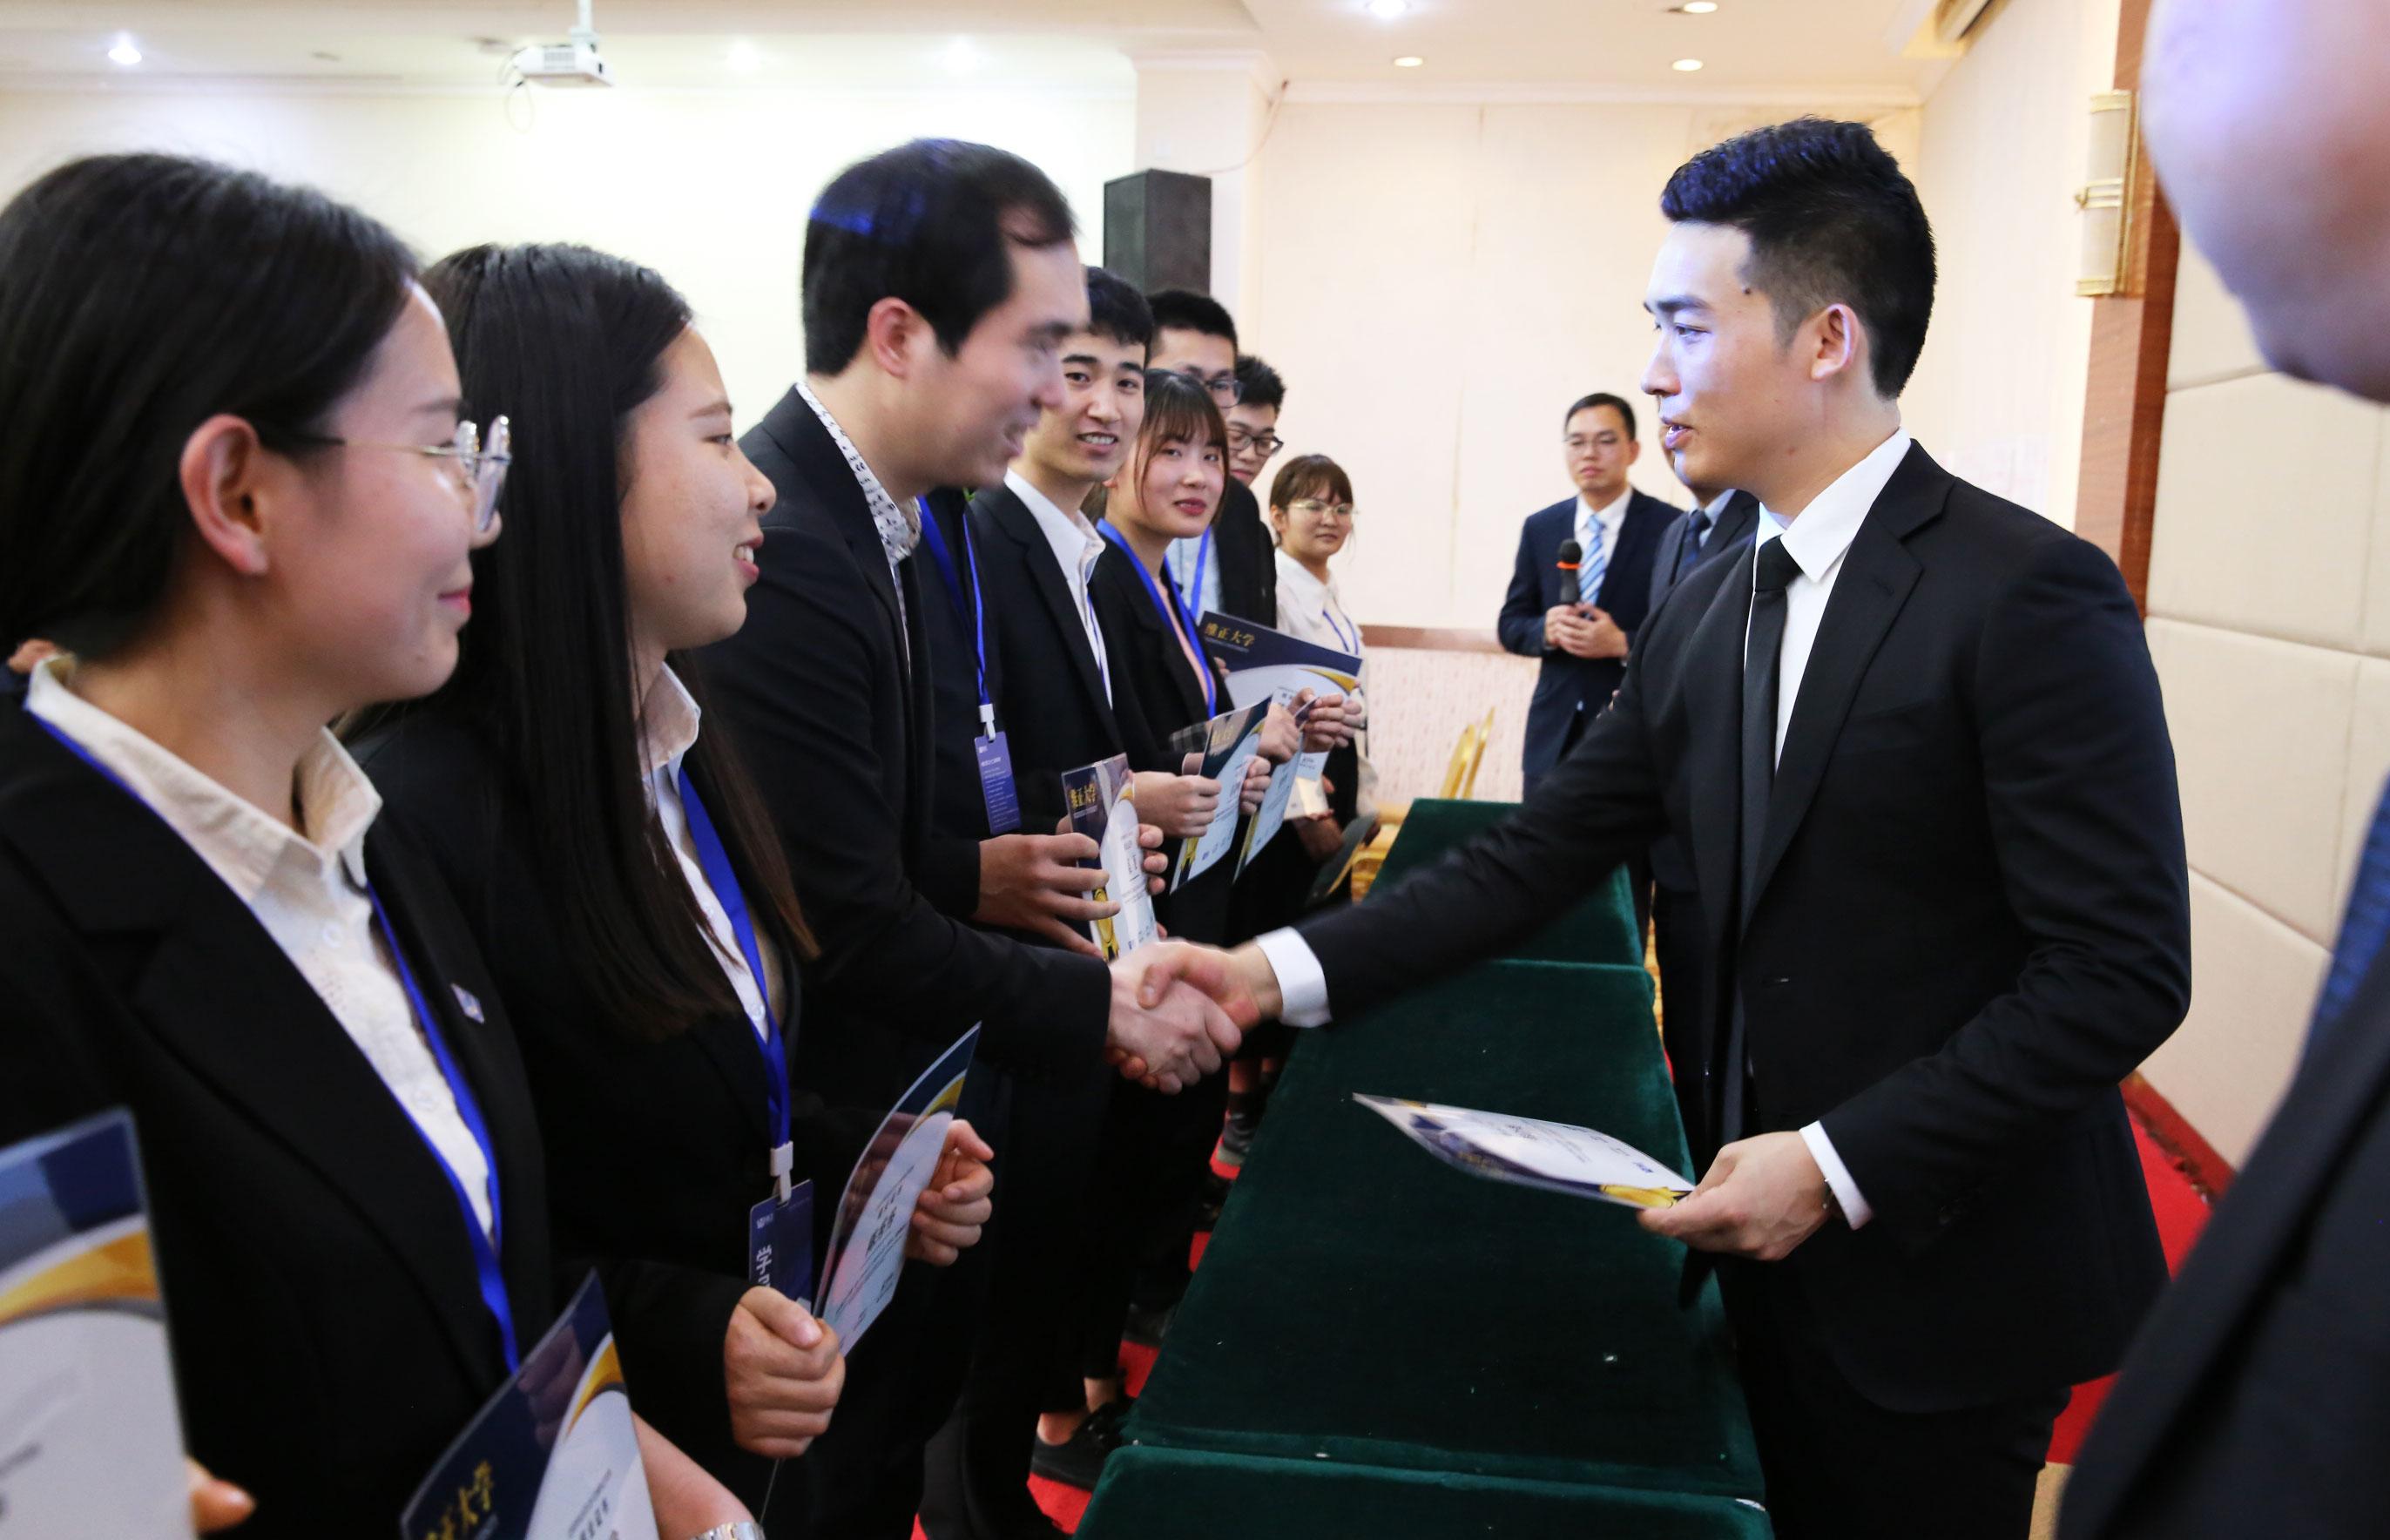 维正控股董事长夏华标为学员颁发结业证书